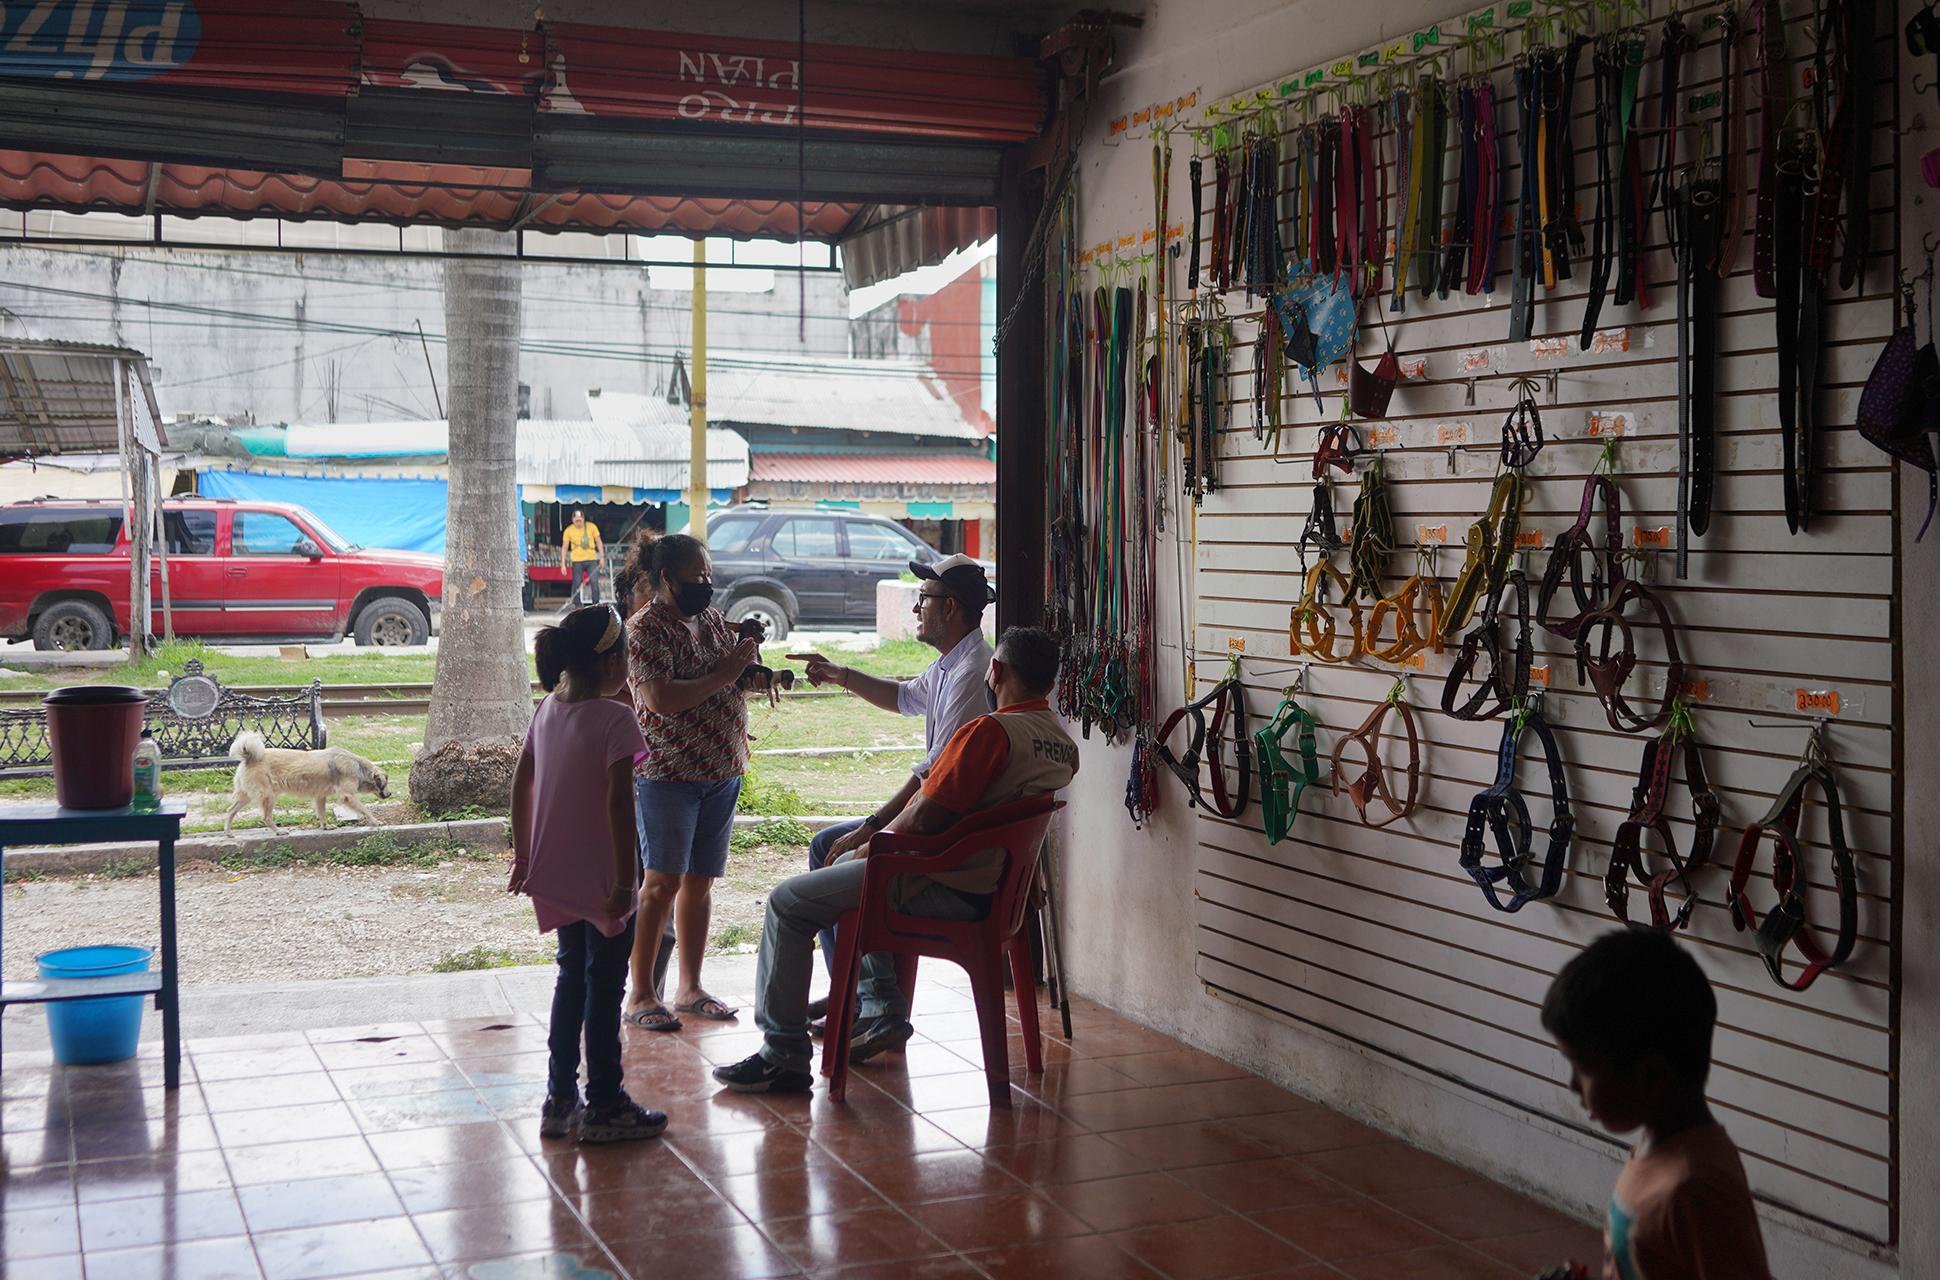 La_selva_maya_en_riesgo_El_tren_que_atravesará_la_península_de_Yucatán_Fotografía_Juan_Pablo_Ampudia_05